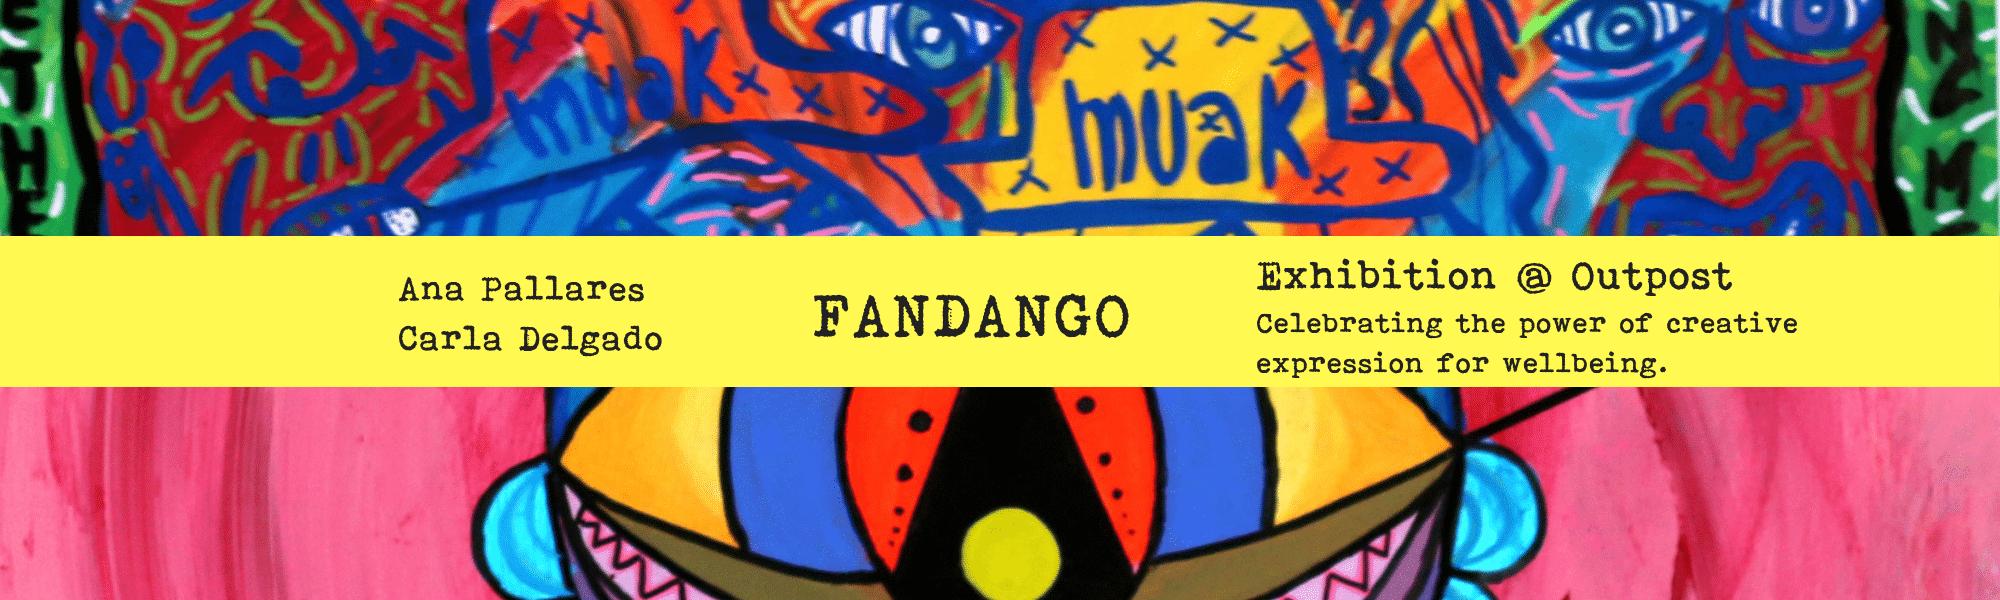 FANDANGO Exhibition